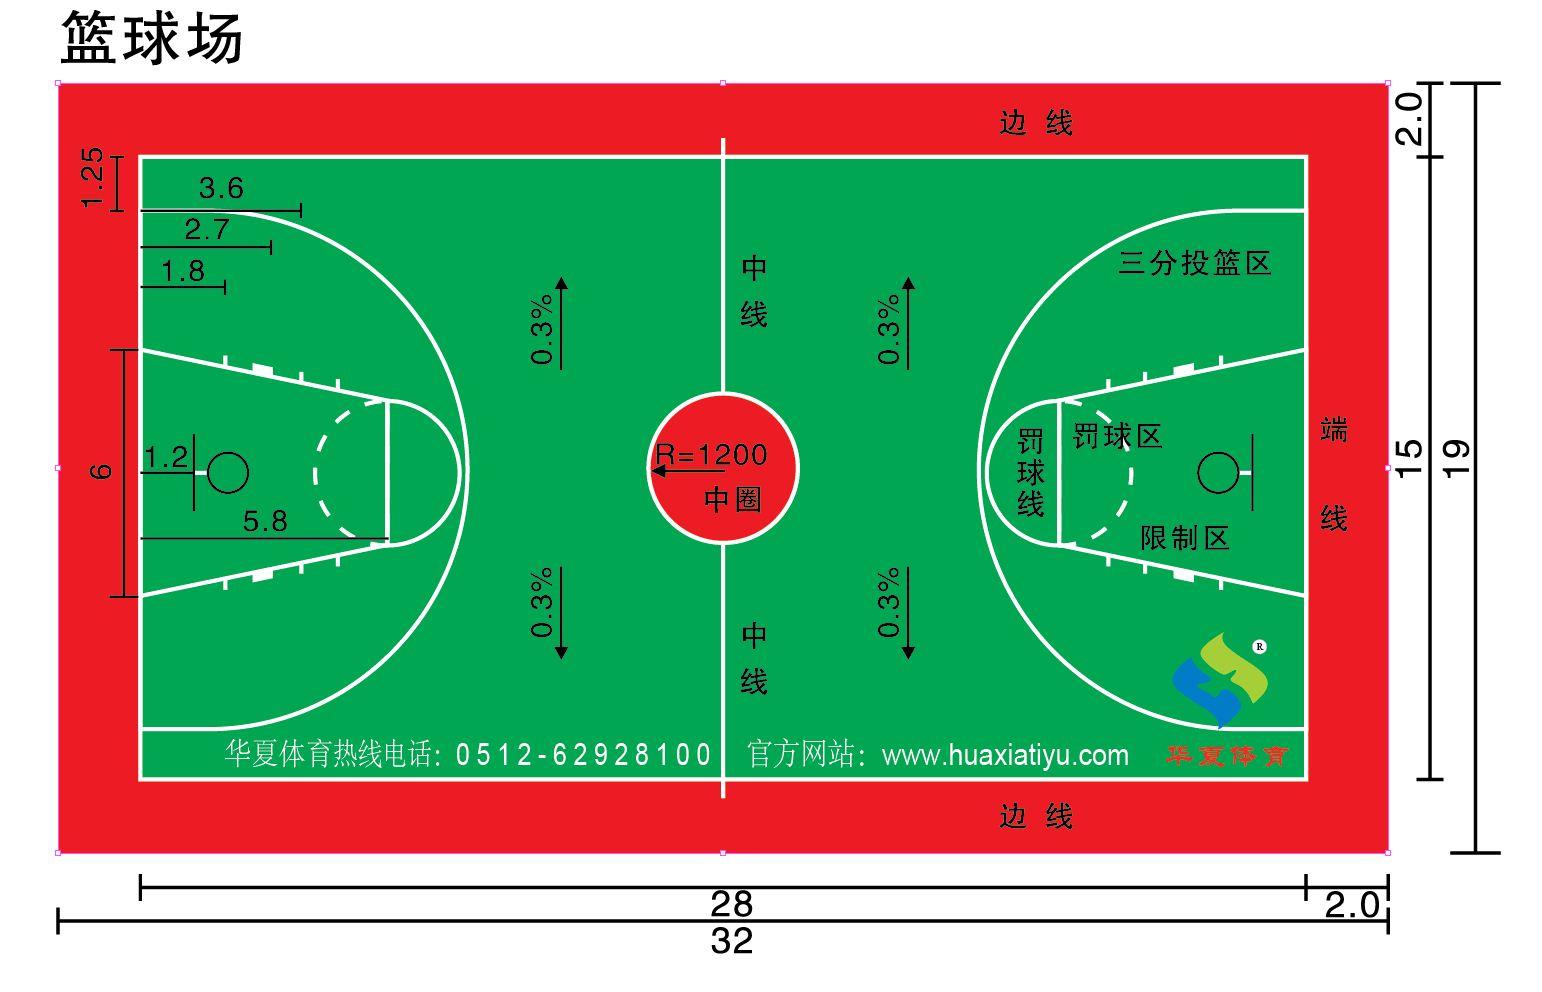 华夏体育-彩色塑胶球场-PVC-人造草坪-丙烯酸